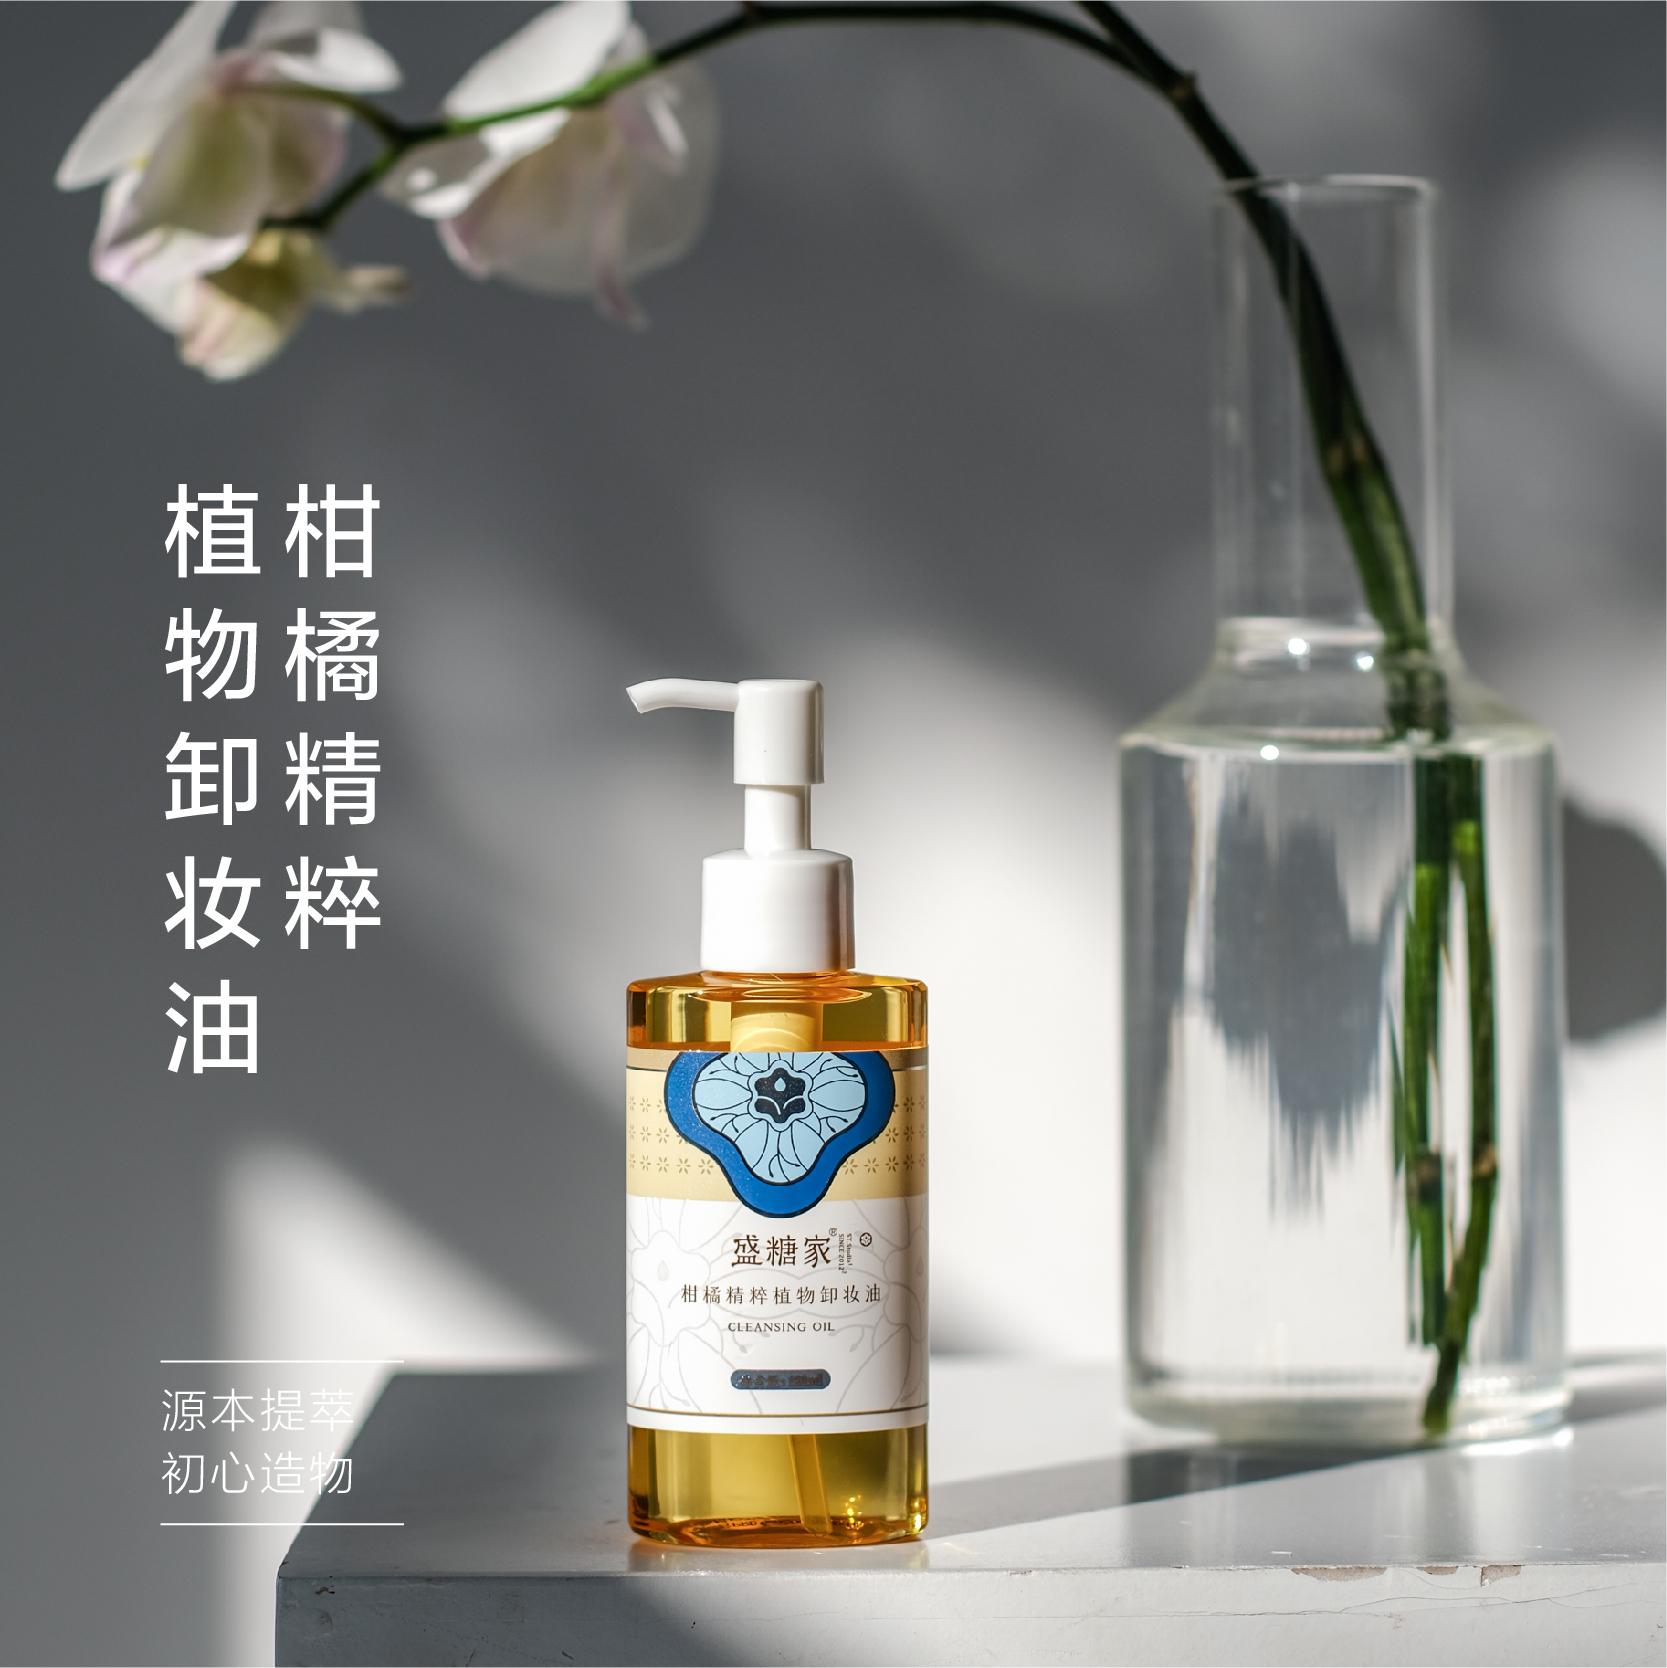 植物卸妆油/深层清洁/盛糖家/温和卸妆清洁毛孔/不含矿物油/120ml